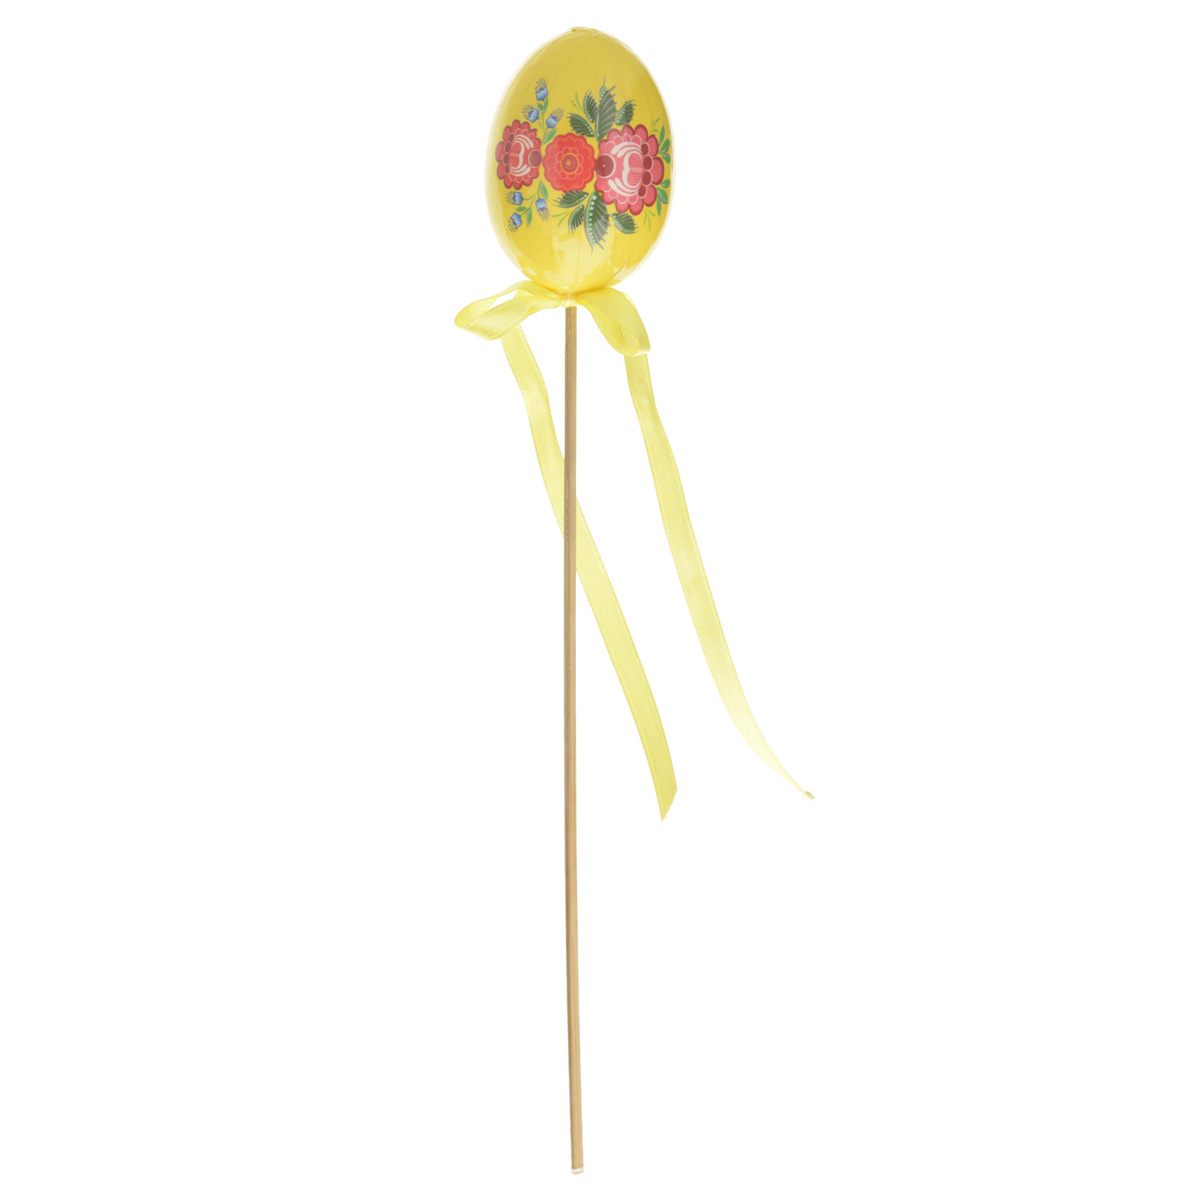 Декоративное украшение на ножке Home Queen Цветочные узоры, цвет: желтый, высота 26 см38221Декоративное украшение Home Queen Цветочные узоры выполнено из пластика в виде пасхального яйца на деревянной ножке, декорированного цветочным рисунком. Изделие украшено текстильной лентой. Такое украшение прекрасно дополнит подарок для друзей или близких на Пасху. Высота: 26 см. Размер яйца: 5,5 см х 4 см.